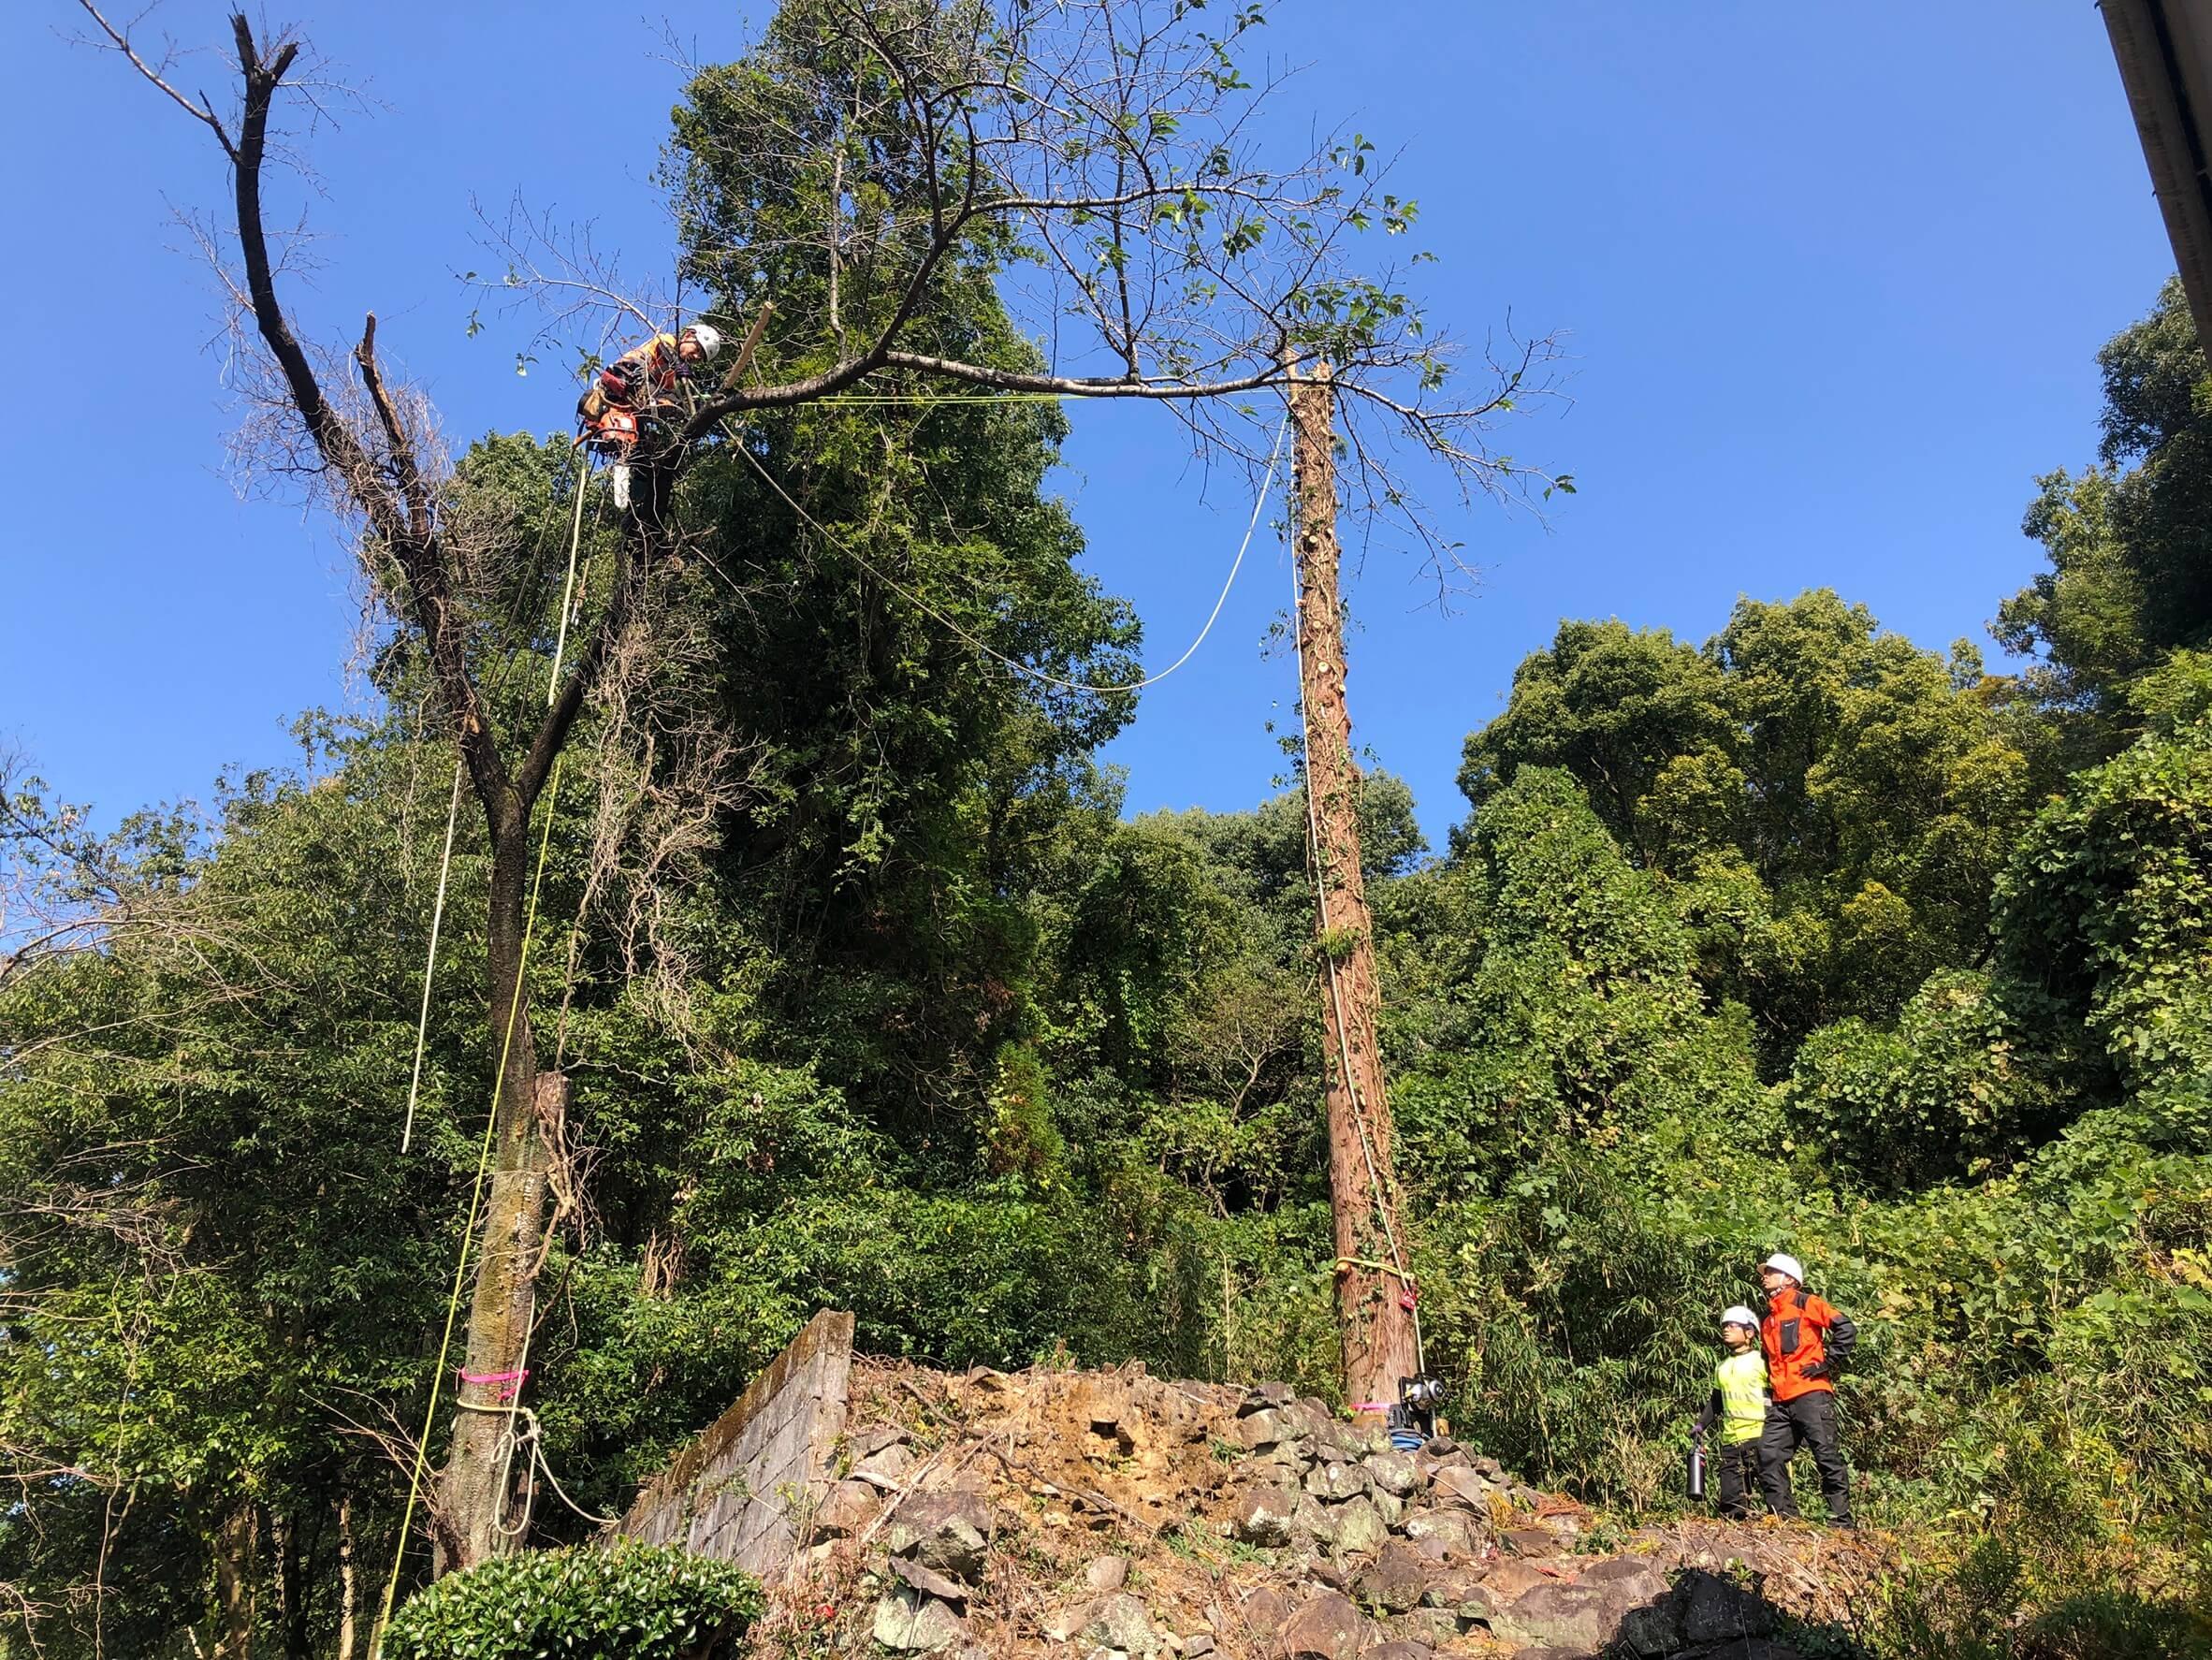 枝先まで吊るためのロープをかけに行く田嶋。